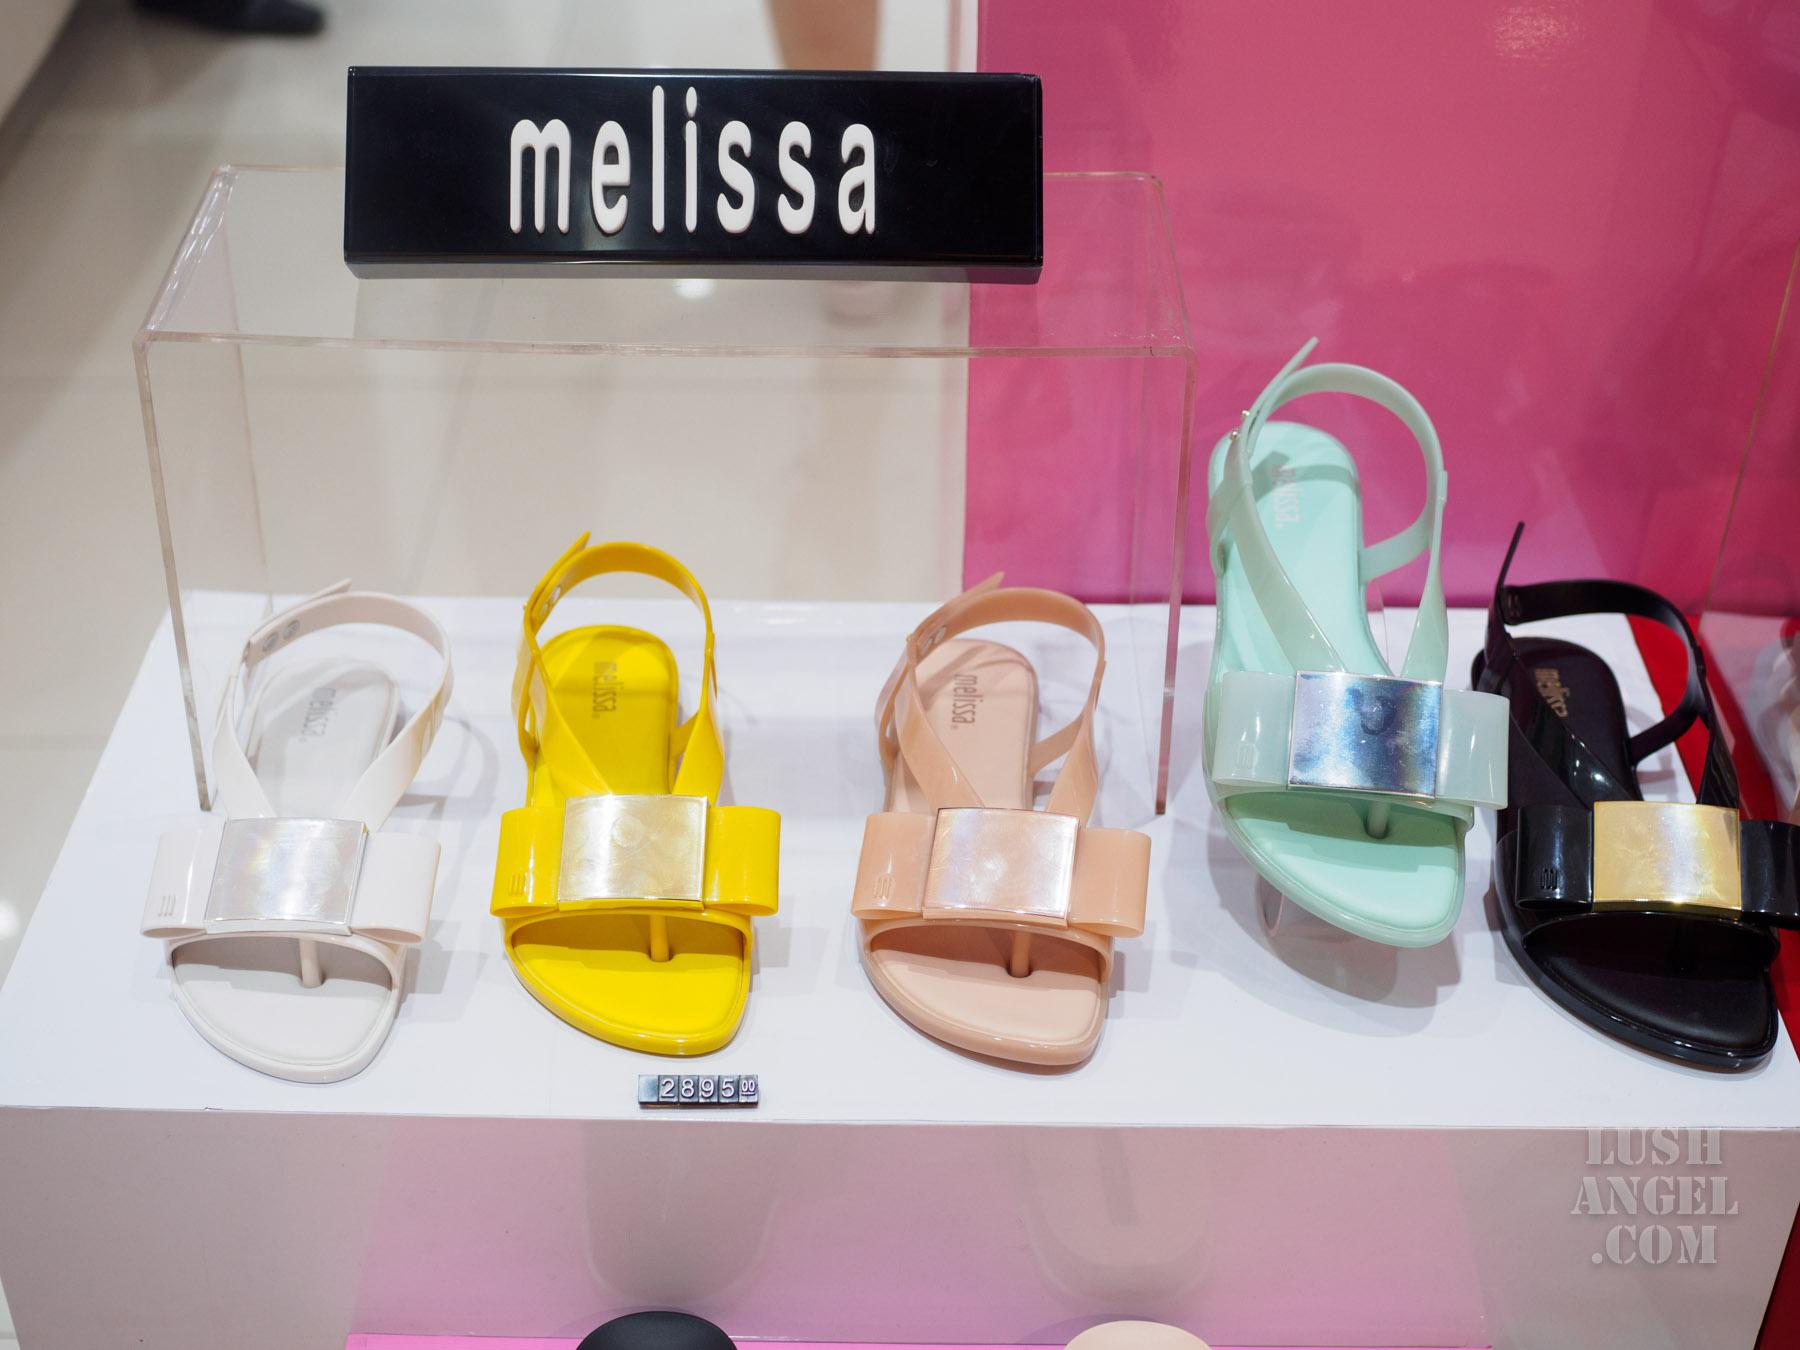 melissa-trip-to-rio